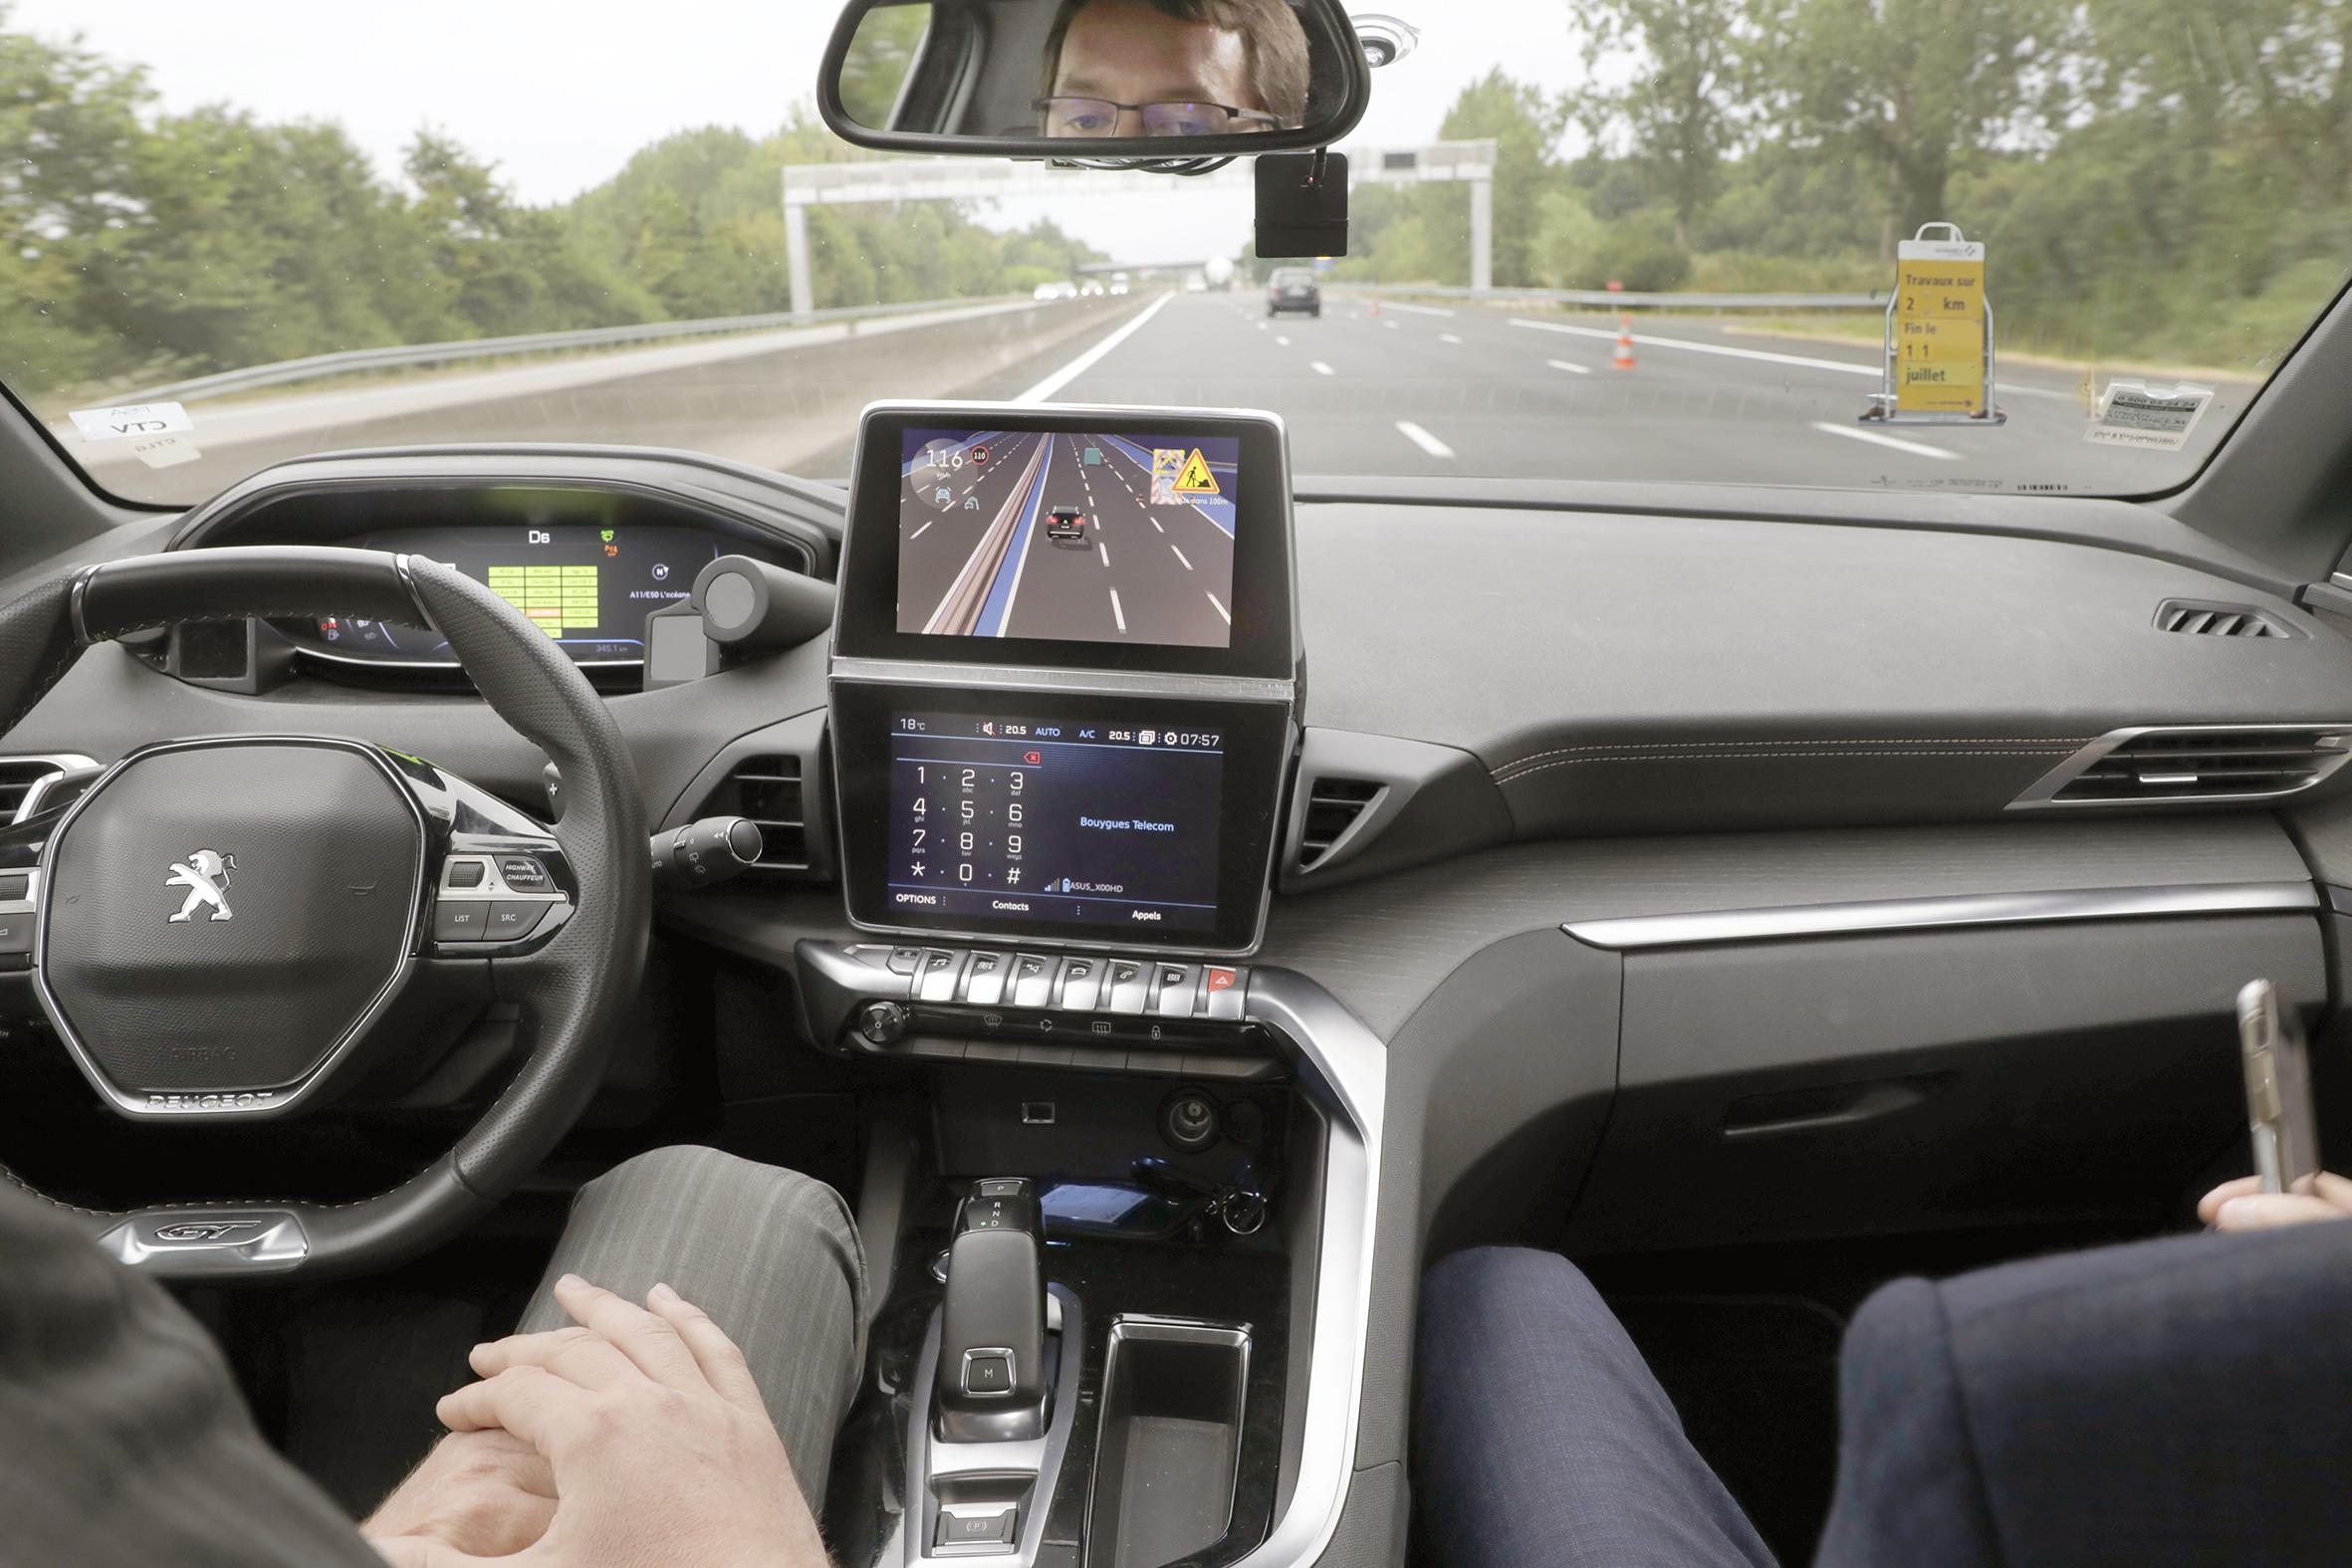 A bord d'un Peugeot 3008 autonome qui circule à 130 km/h sur autoroute